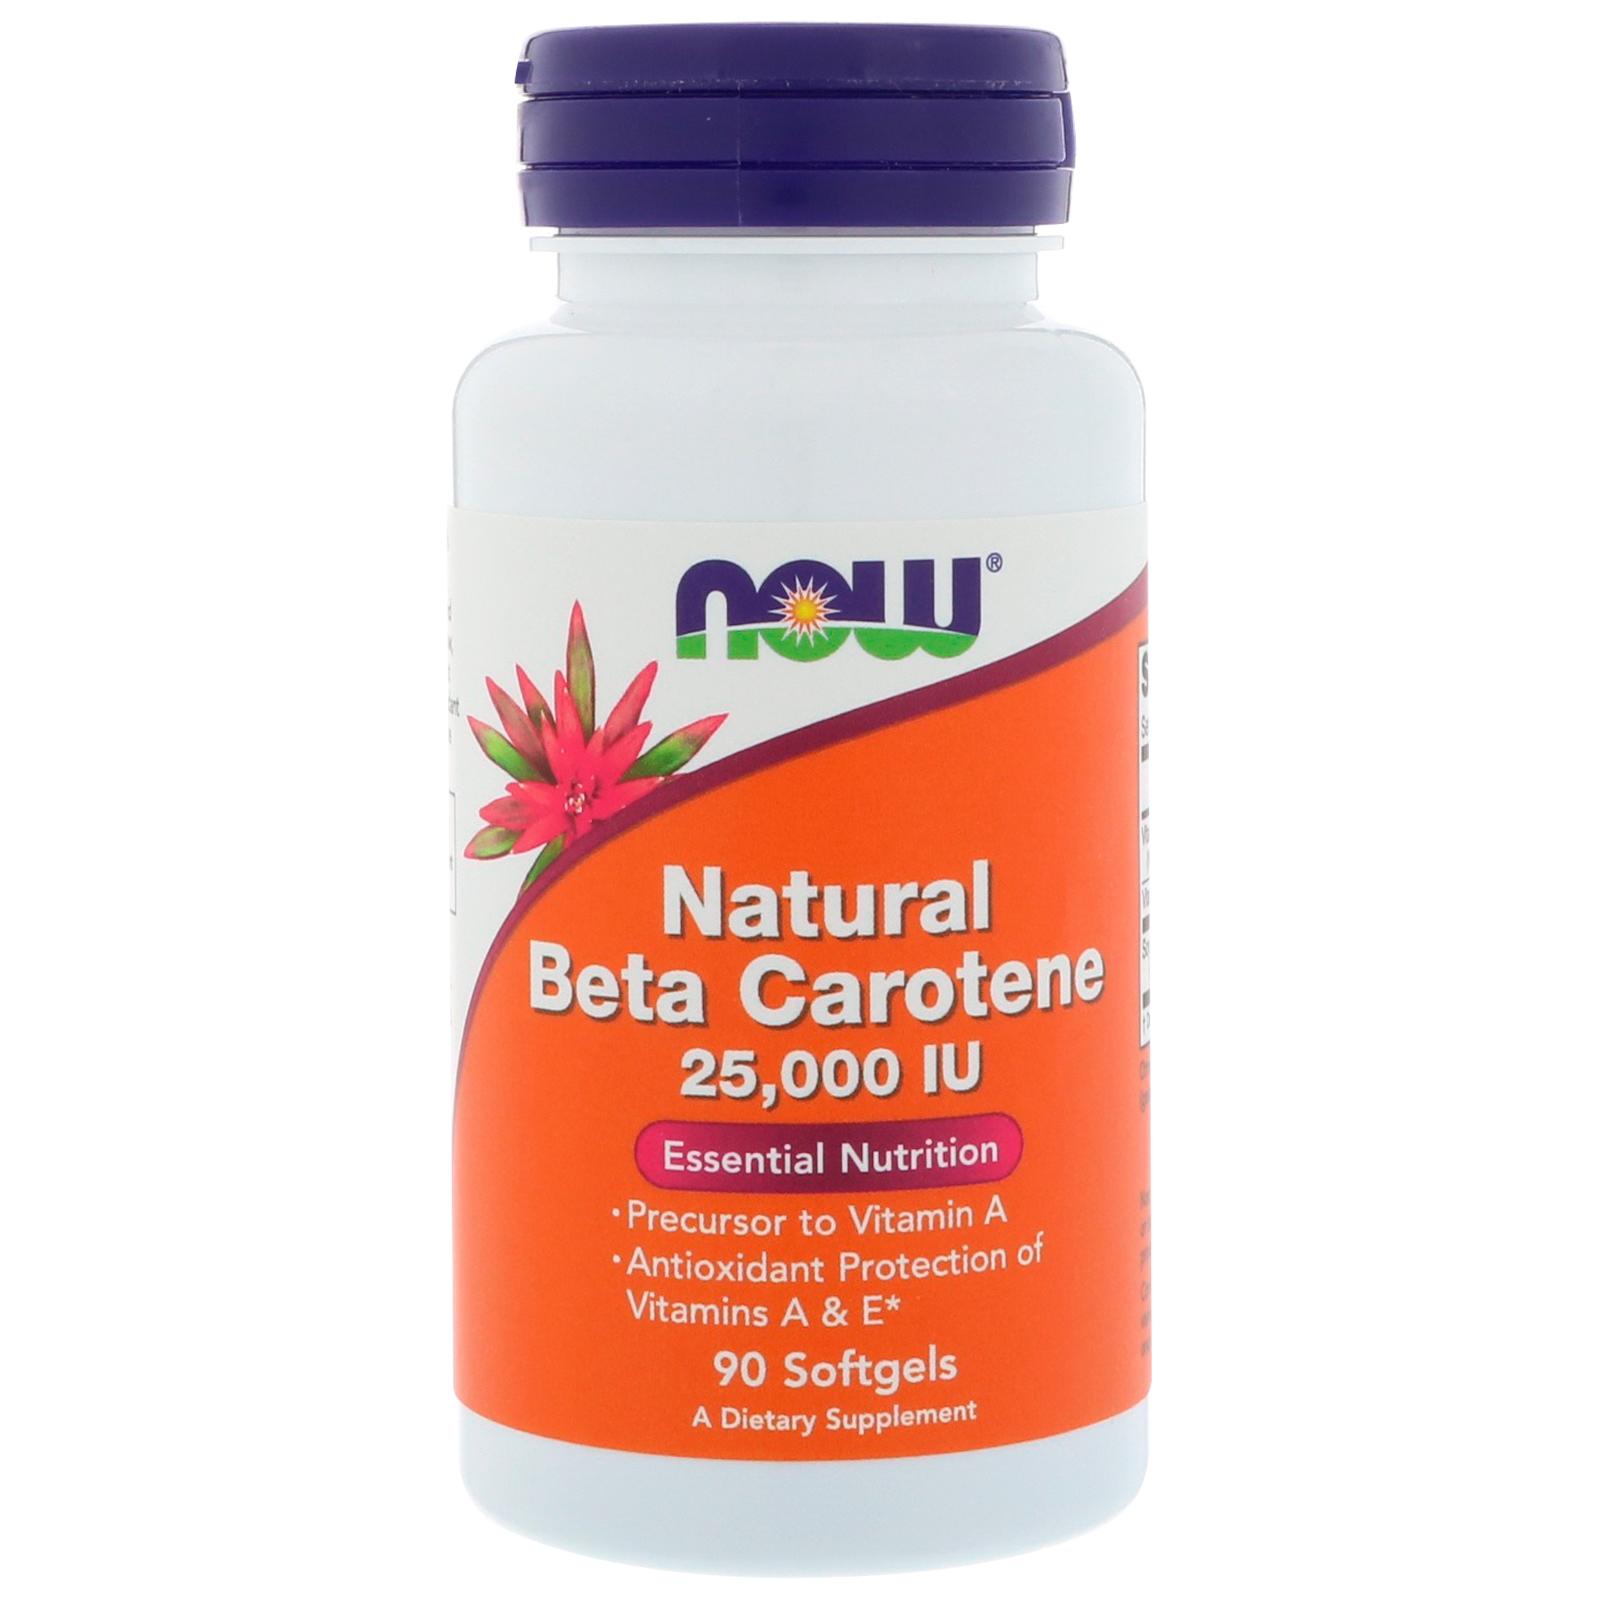 What are beta carotene